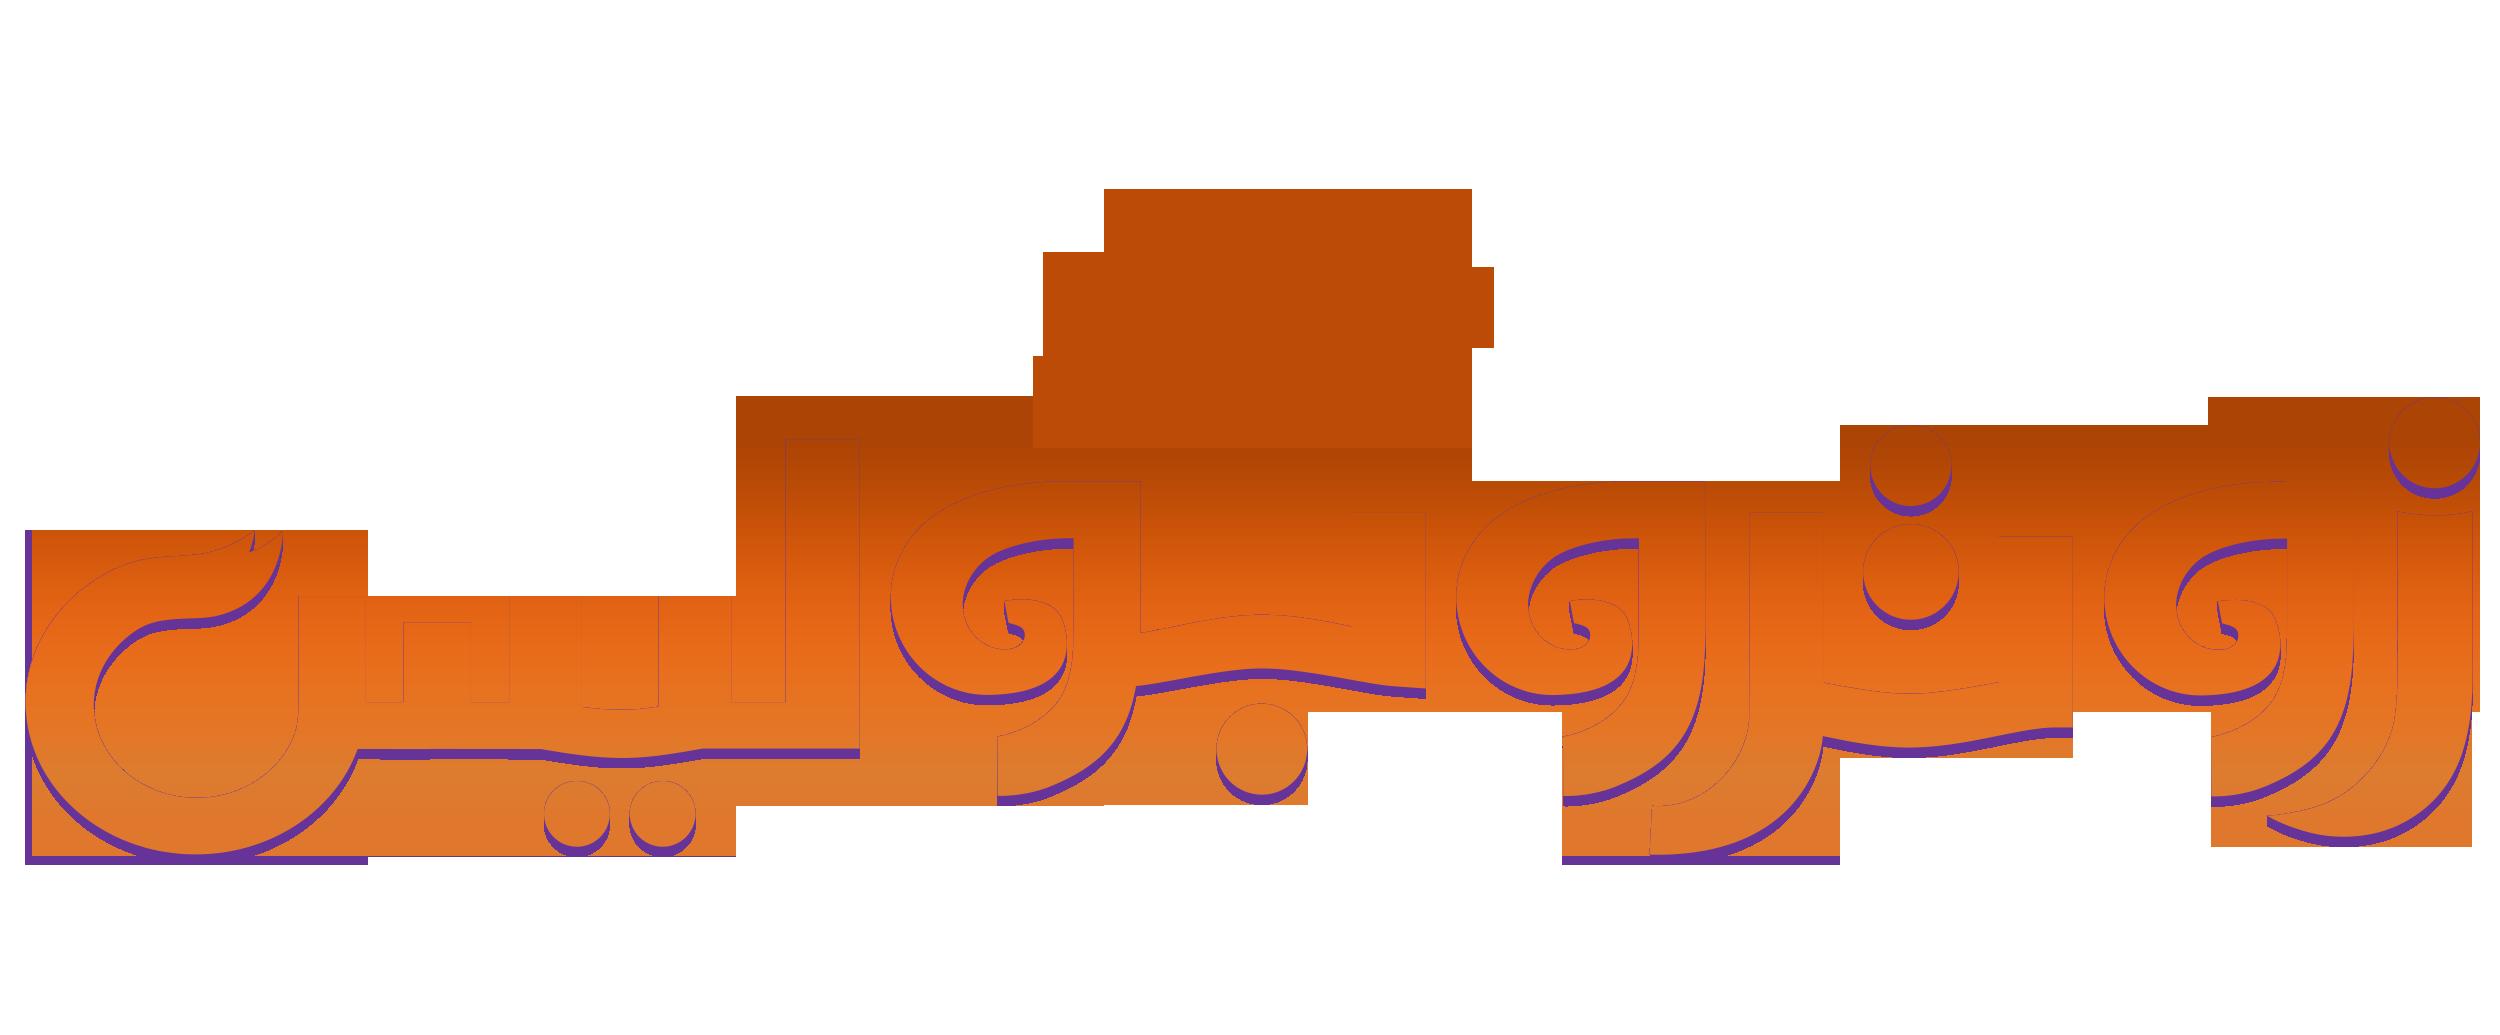 Zwd33596 Png 2500 1035 شعار فيلم زوتروبوليس Zootopia Logo Tech Company Logos Company Logo Ar Logo